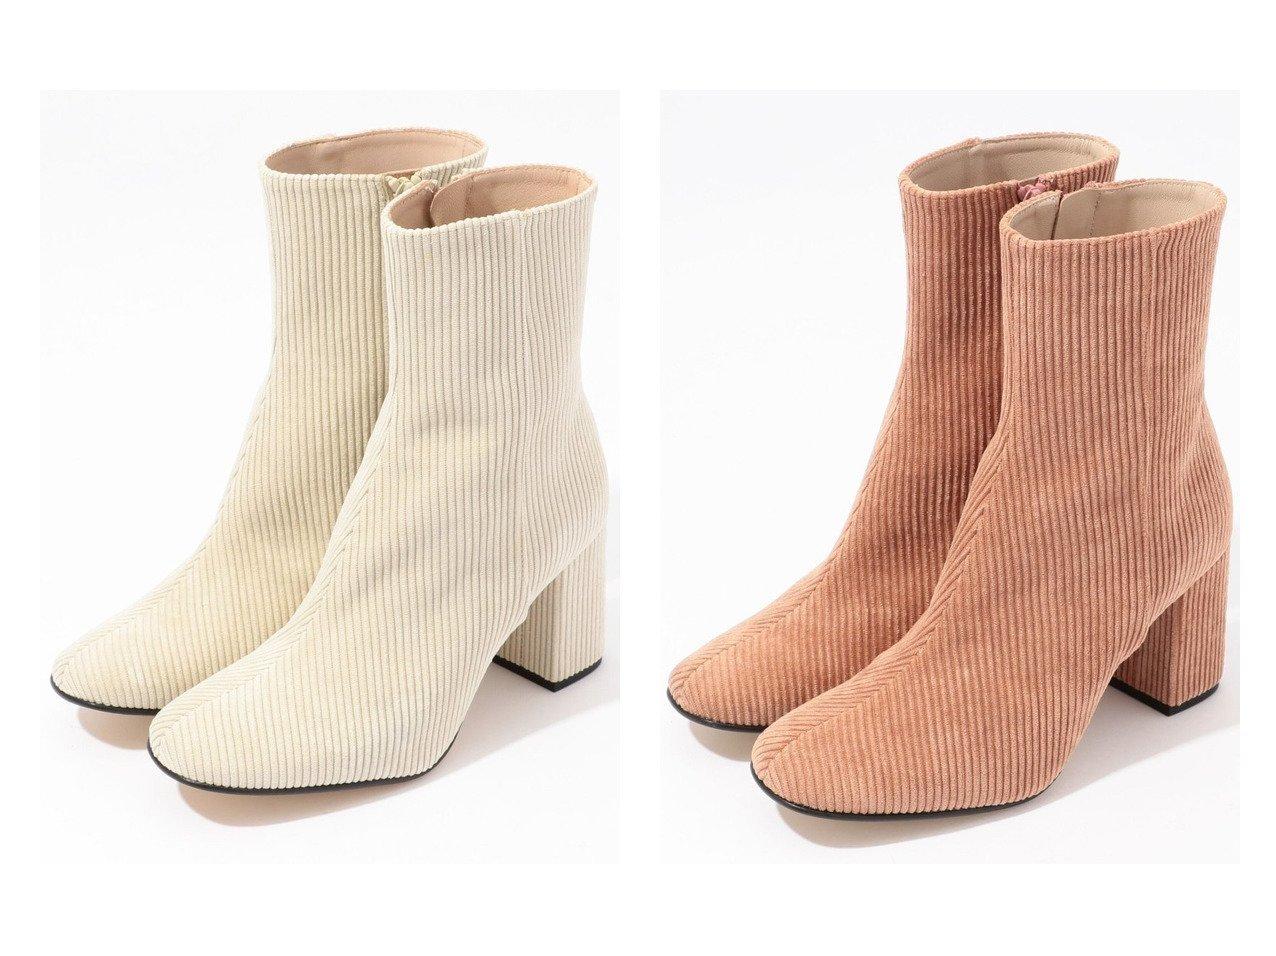 【TOMORROWLAND GOODs/トゥモローランド グッズ】のMARISA REY コーデュロイショートブーツ シューズ・靴のおすすめ!人気、トレンド・レディースファッションの通販 おすすめで人気の流行・トレンド、ファッションの通販商品 メンズファッション・キッズファッション・インテリア・家具・レディースファッション・服の通販 founy(ファニー) https://founy.com/ ファッション Fashion レディースファッション WOMEN イタリア コーデュロイ シューズ ショート  ID:crp329100000014686